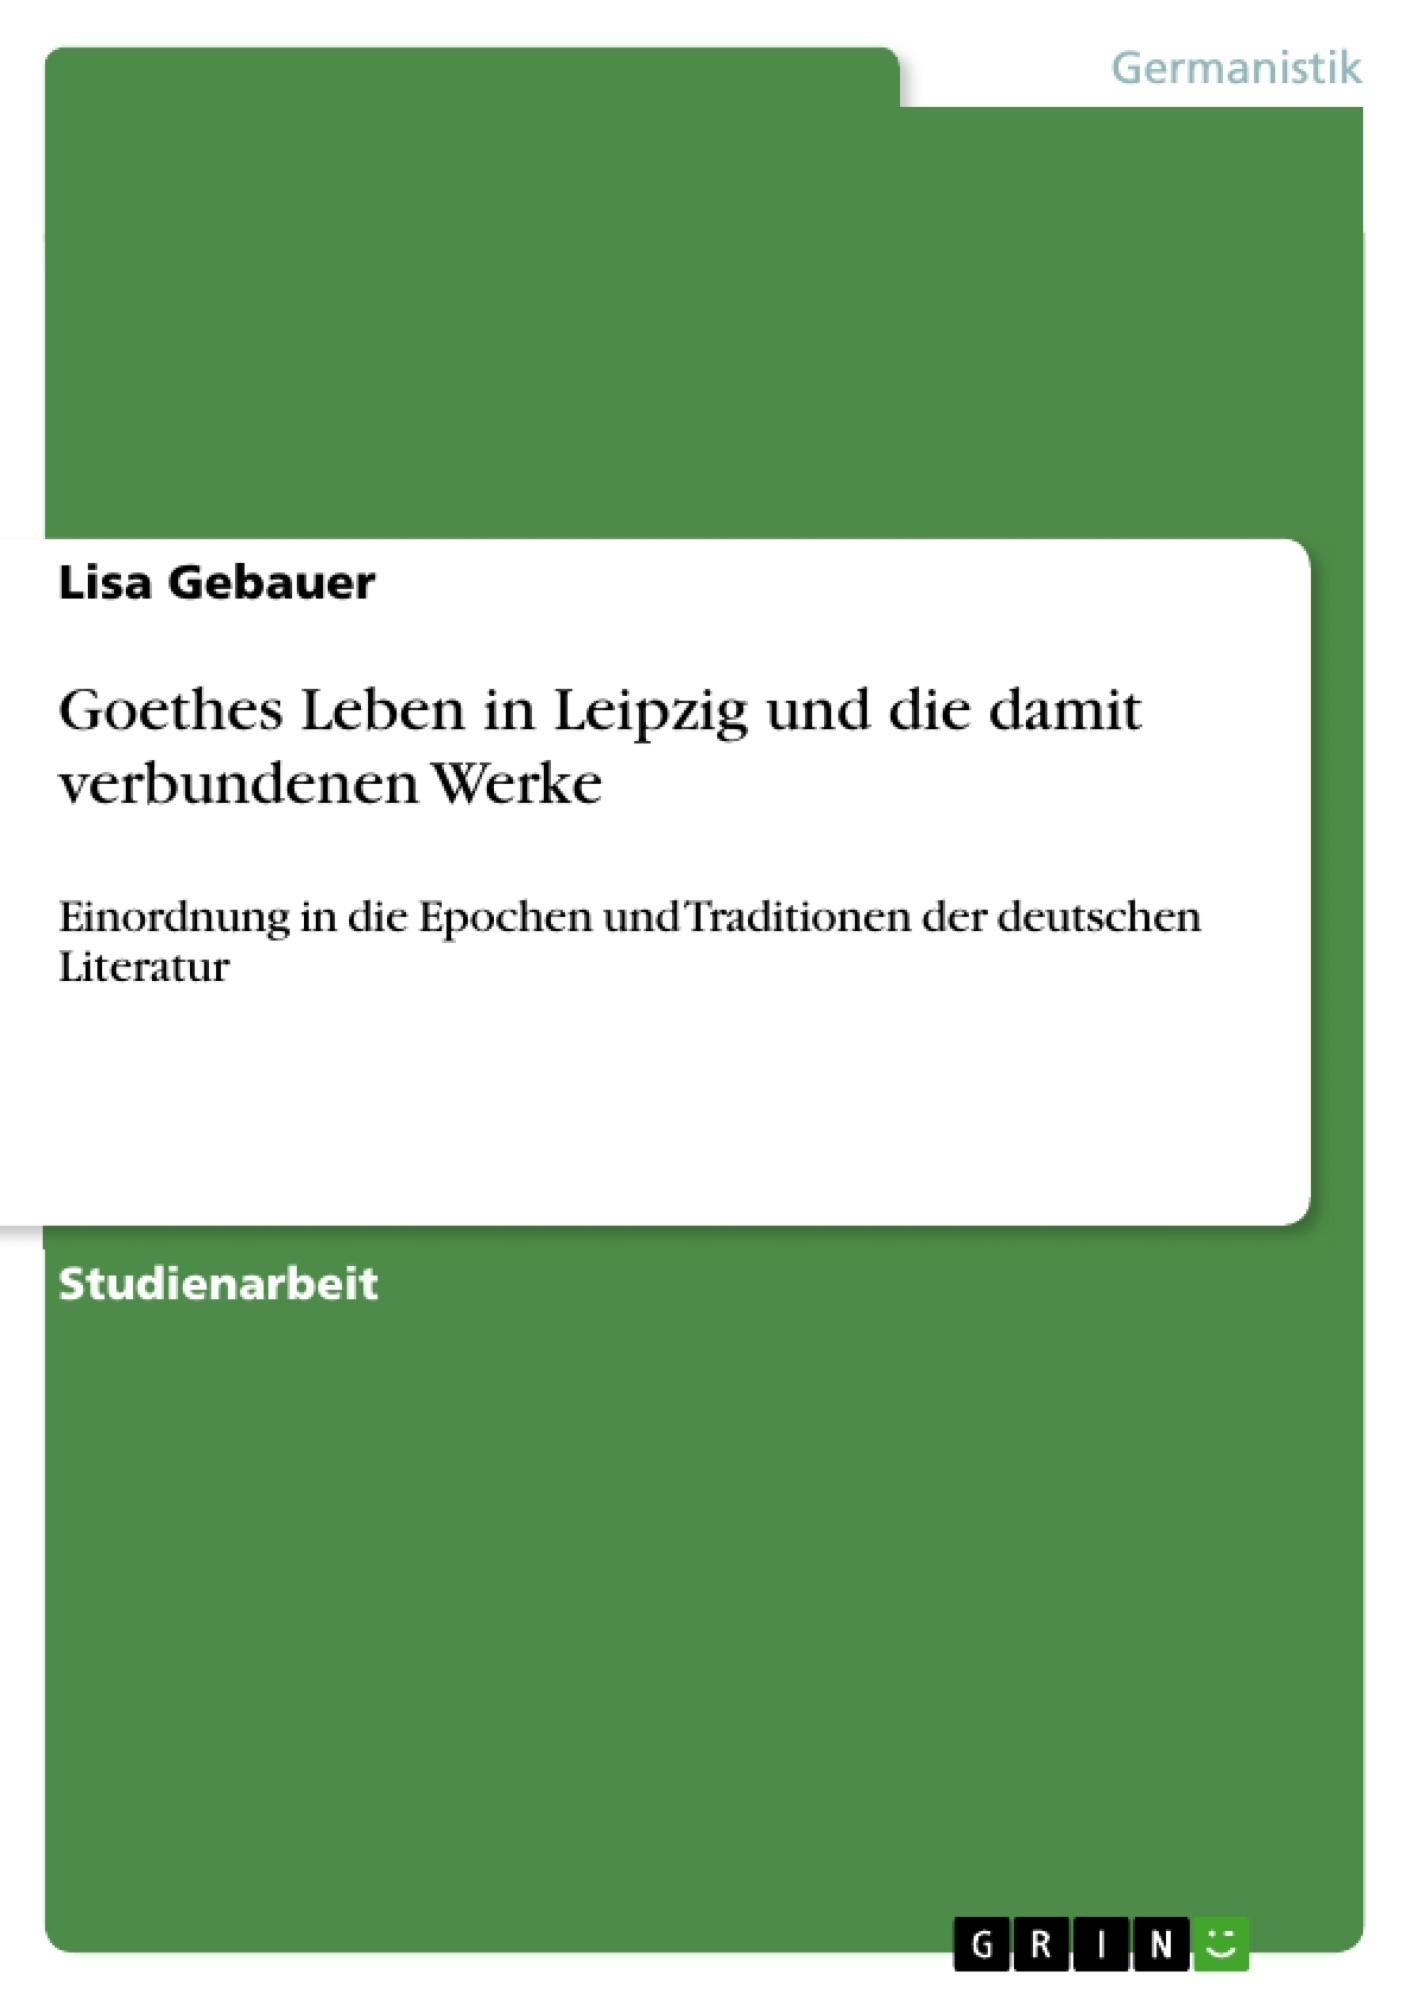 Titel: Goethes Leben in Leipzig und die damit verbundenen Werke